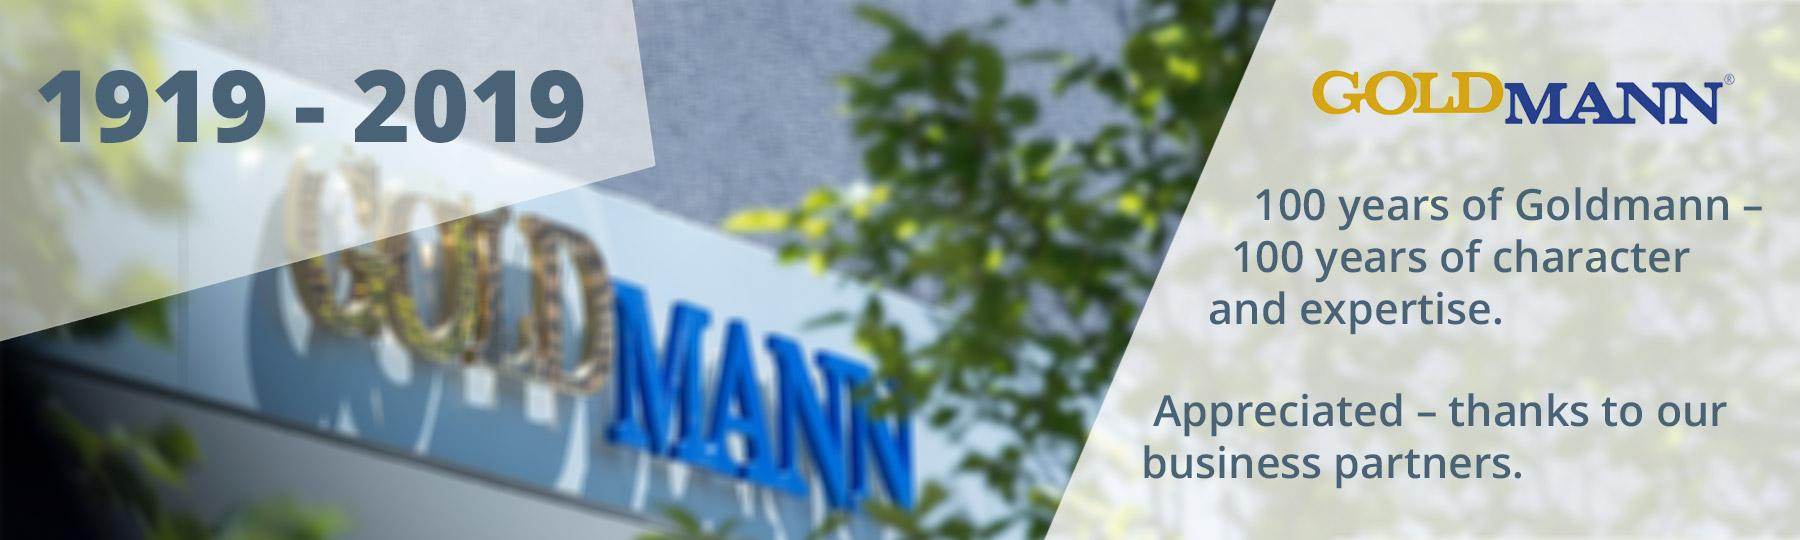 100 years of GoldMann in Bielefeld